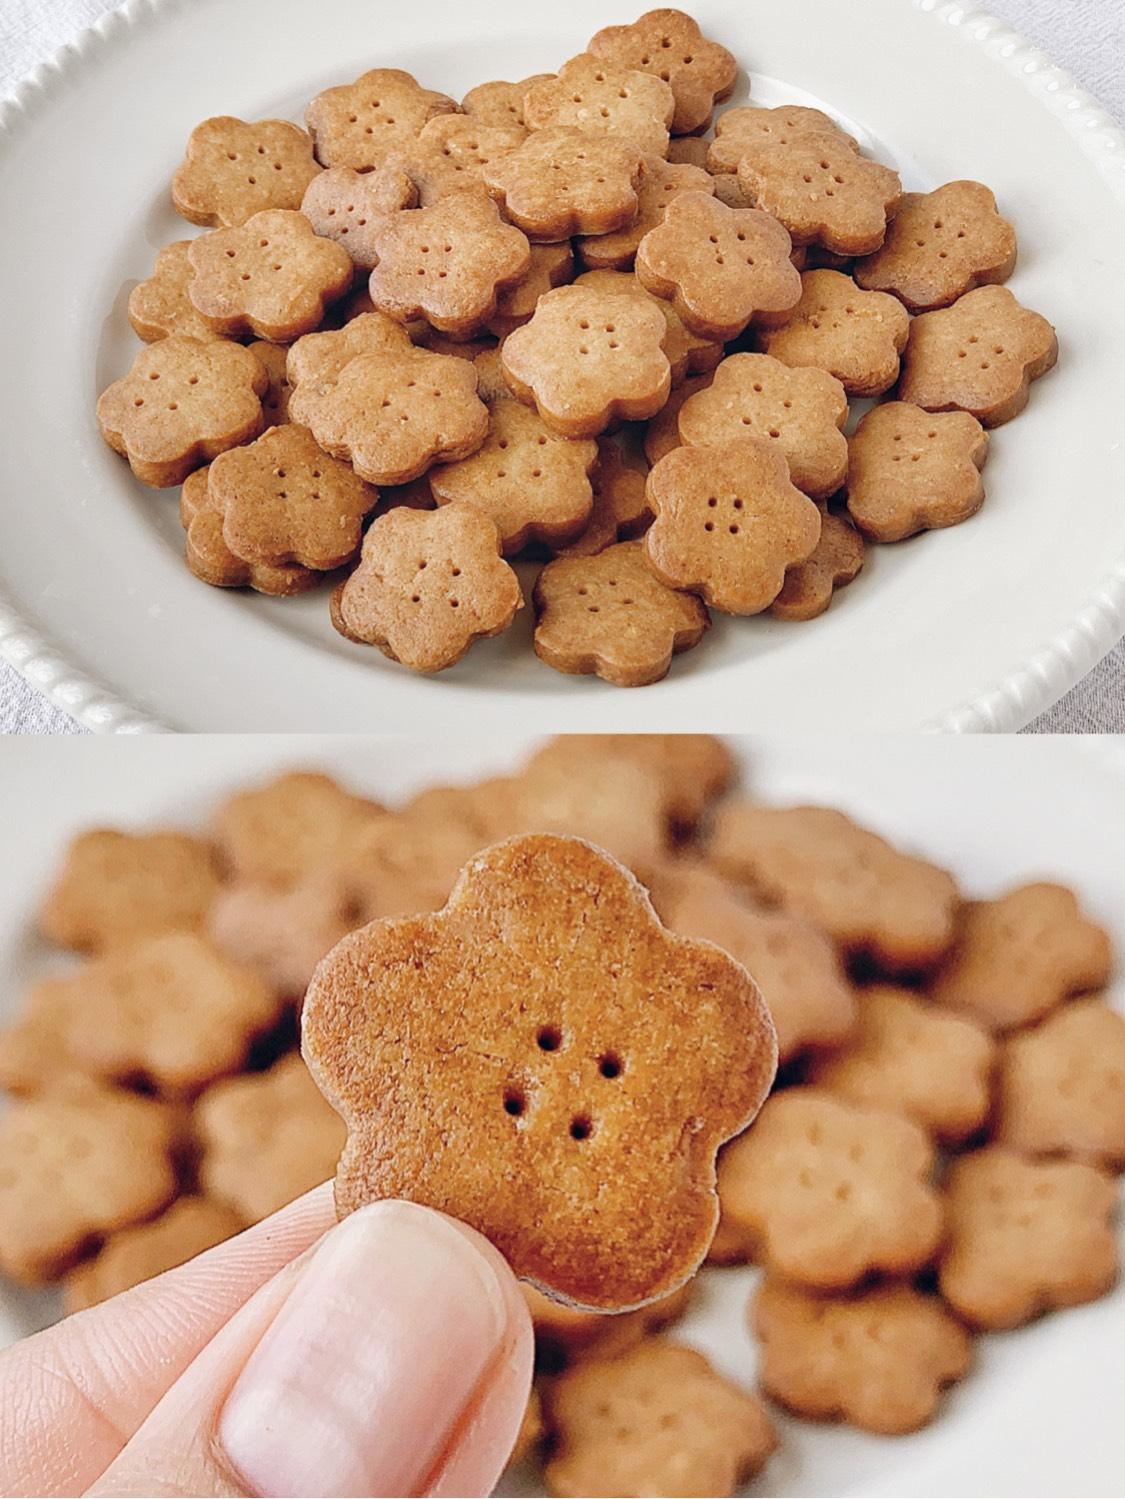 🔥零难度嘎嘣脆‼️一口一个停不下的黑糖饼干